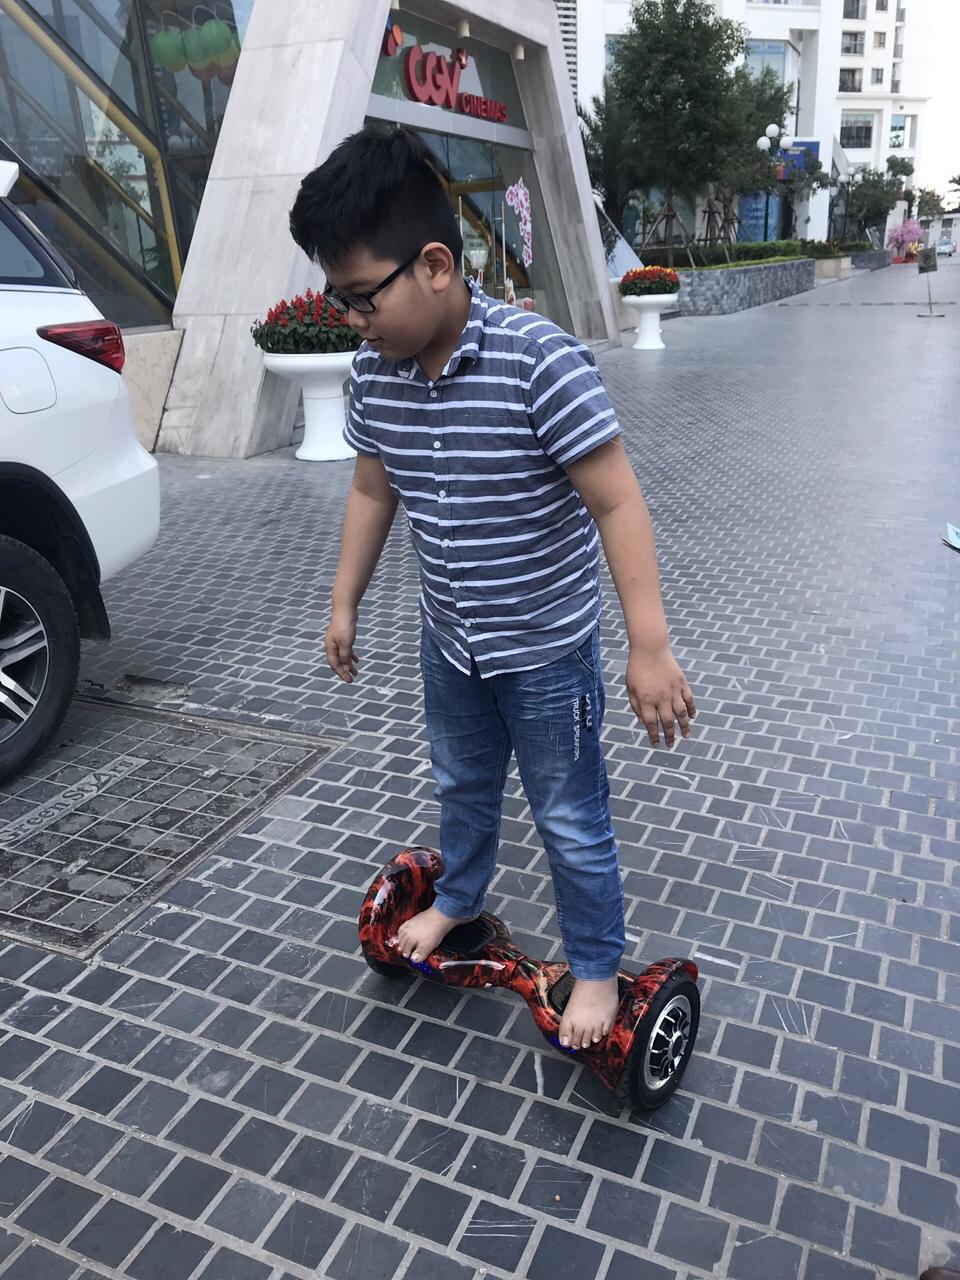 bé trai đi trên xe điện cân bằng 10 inch lốp hơi vinmart Phạm văn đồng